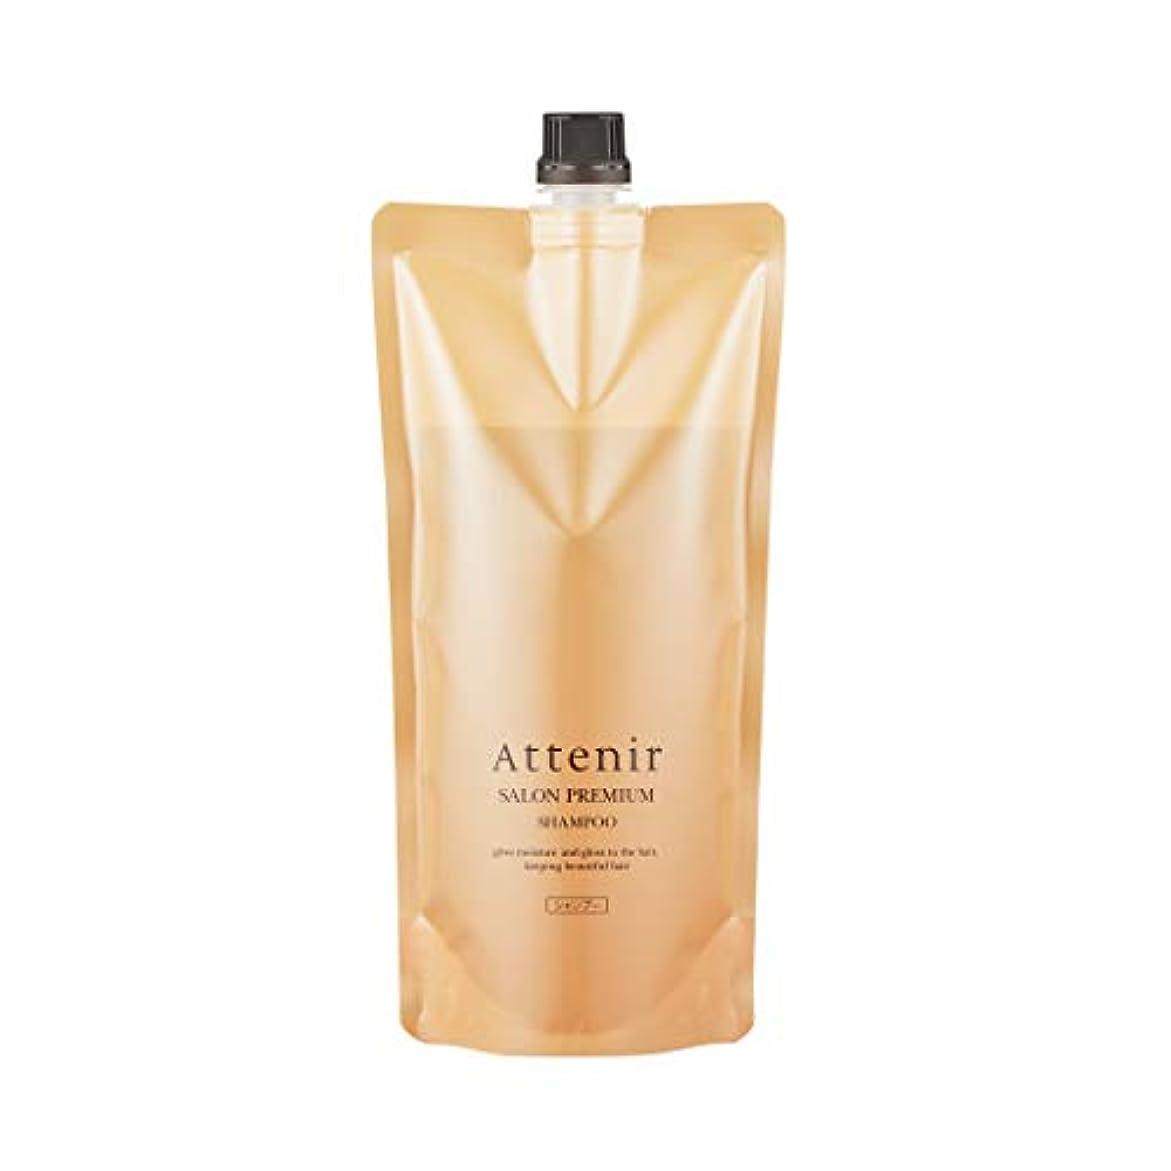 支援疲労細いアテニア サロンプレミアム シャンプー グランフローラルの香り レフィル <詰替用> 500ml 毛髪補強成分配合